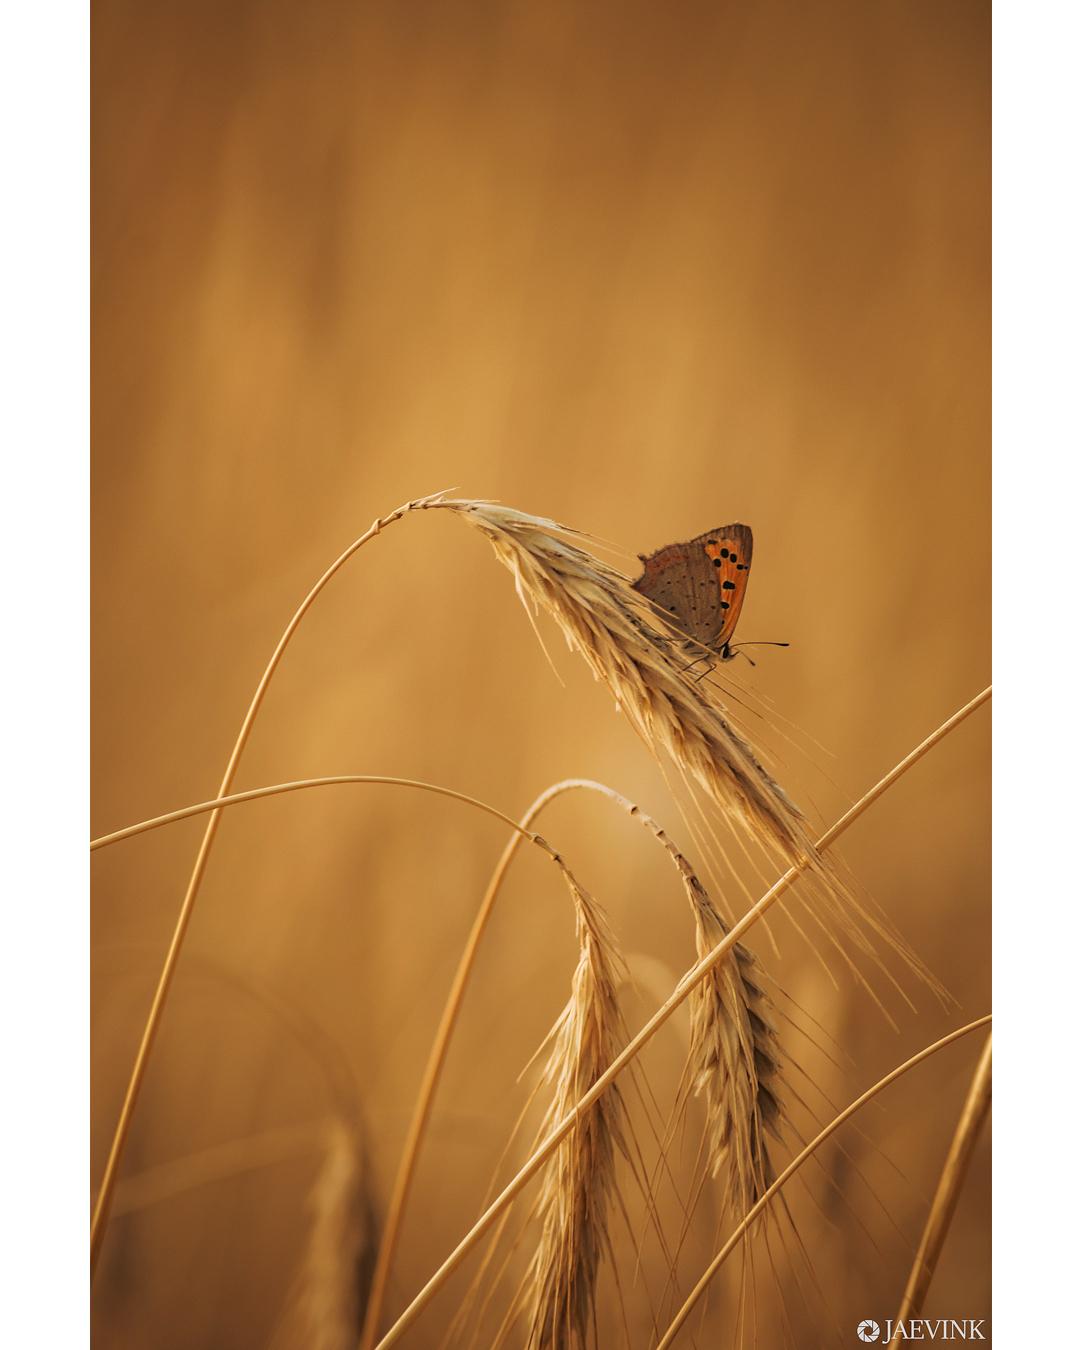 Colormatch - Colormatch - foto door vwinke op 15-04-2021 - deze foto bevat: vlinder, butterfly, macro, licht, lente, natuur, bestuiver, geleedpotigen, insect, vlinder, takje, motten en vlinders, natuurlijk landschap, fabriek, gras, vleugel